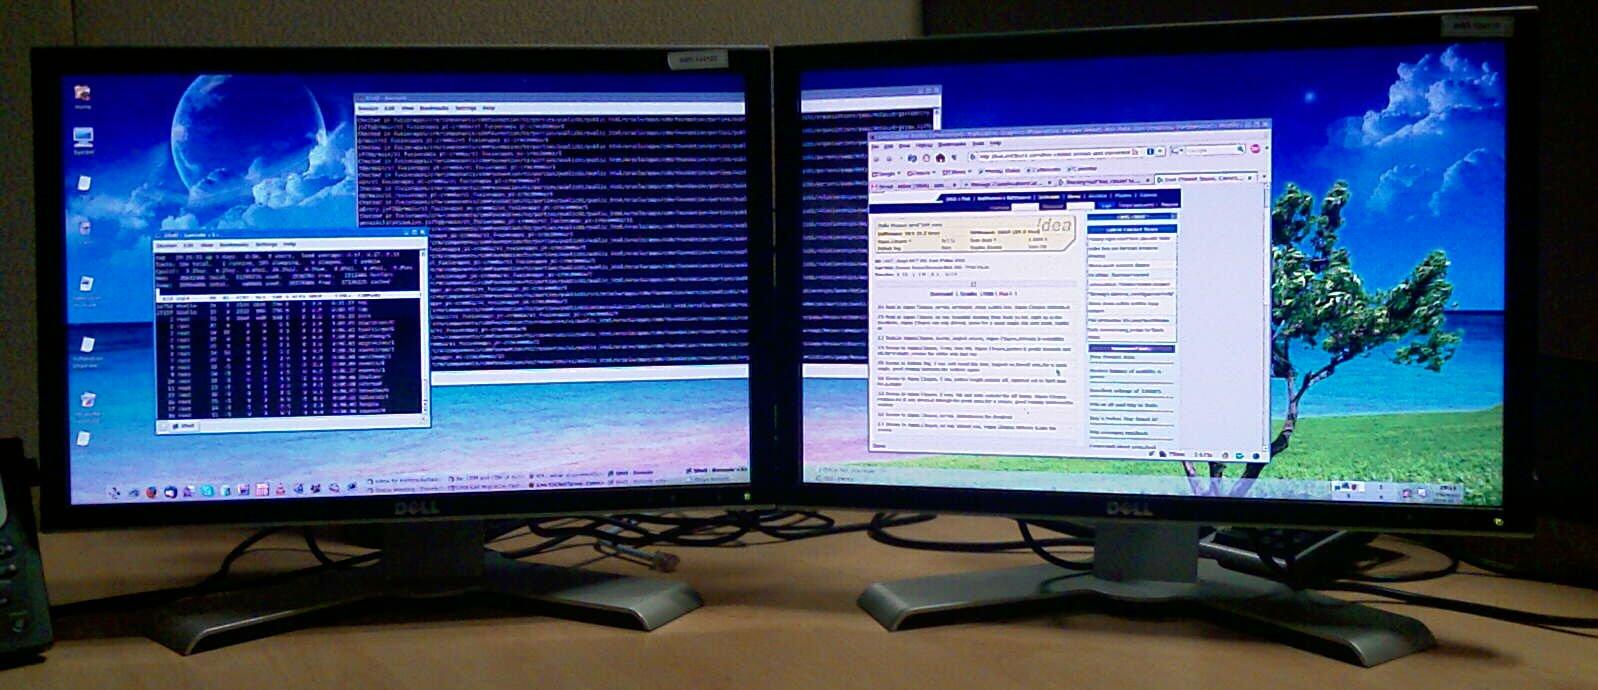 Как сделать много экранов